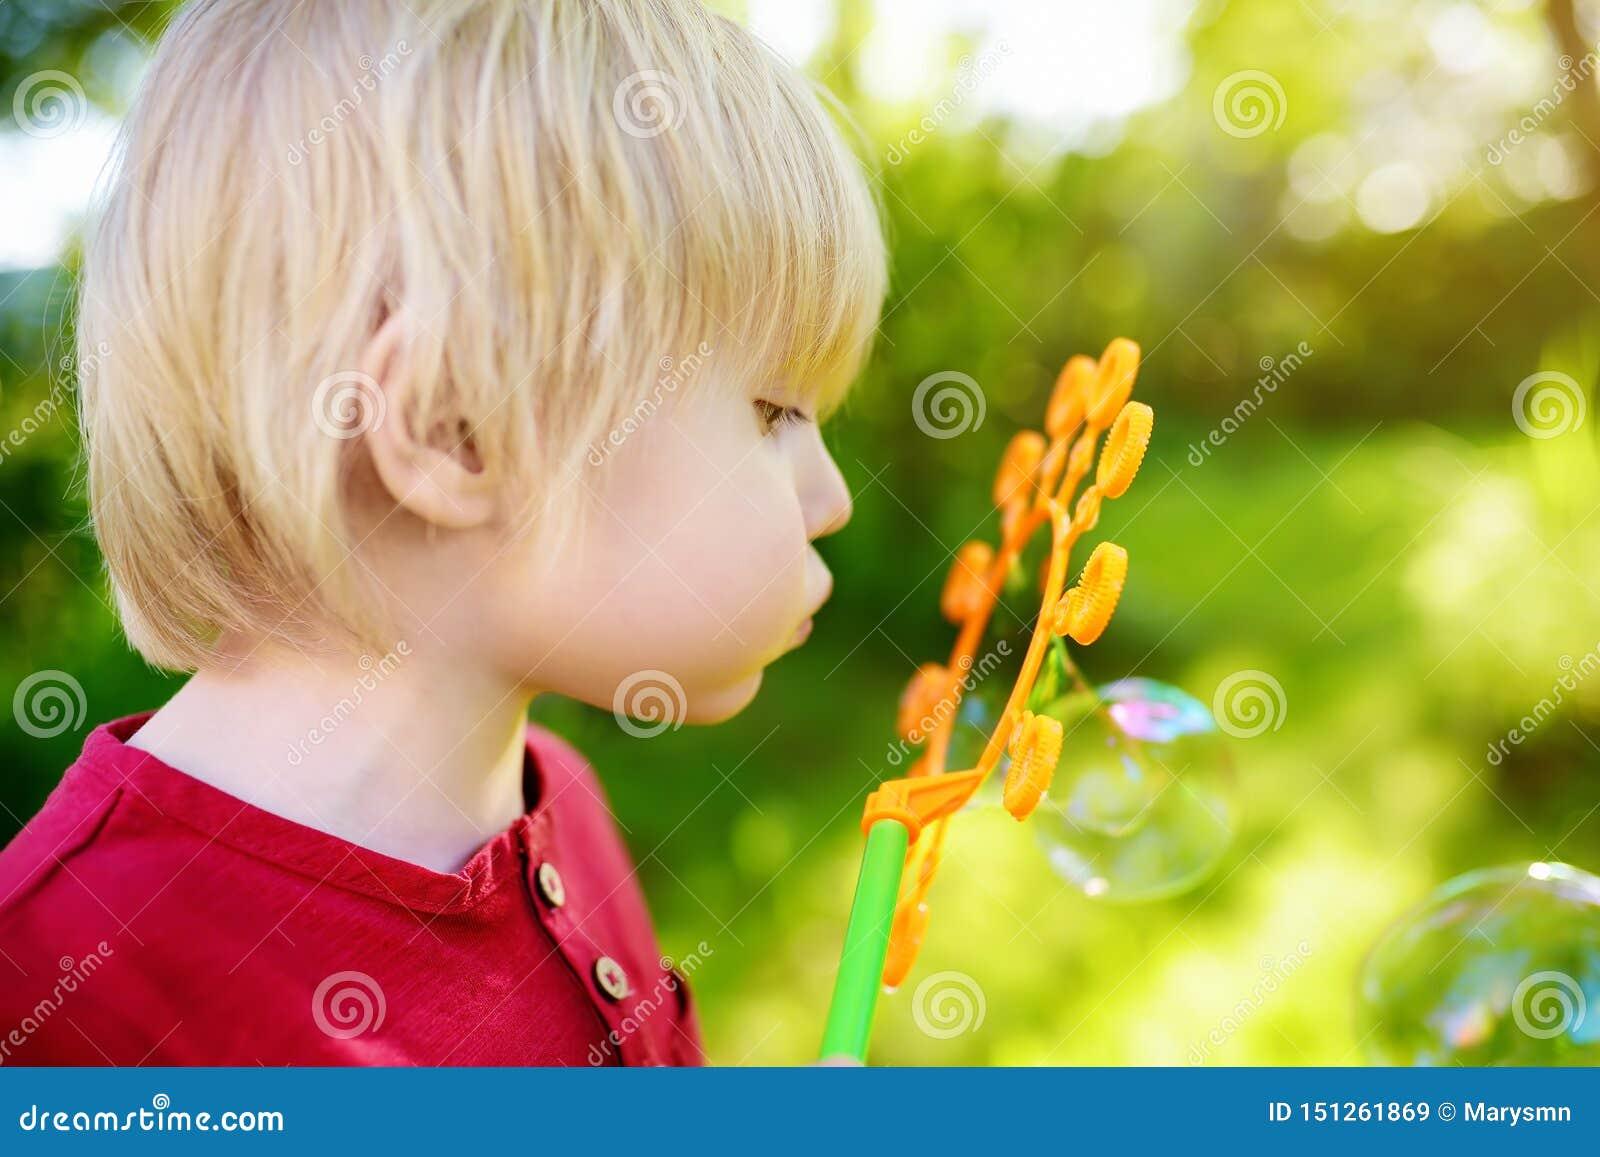 Leuk speelt weinig jongen met grote bellen openlucht Het kind blaast gelijktijdig grote en kleine bellen